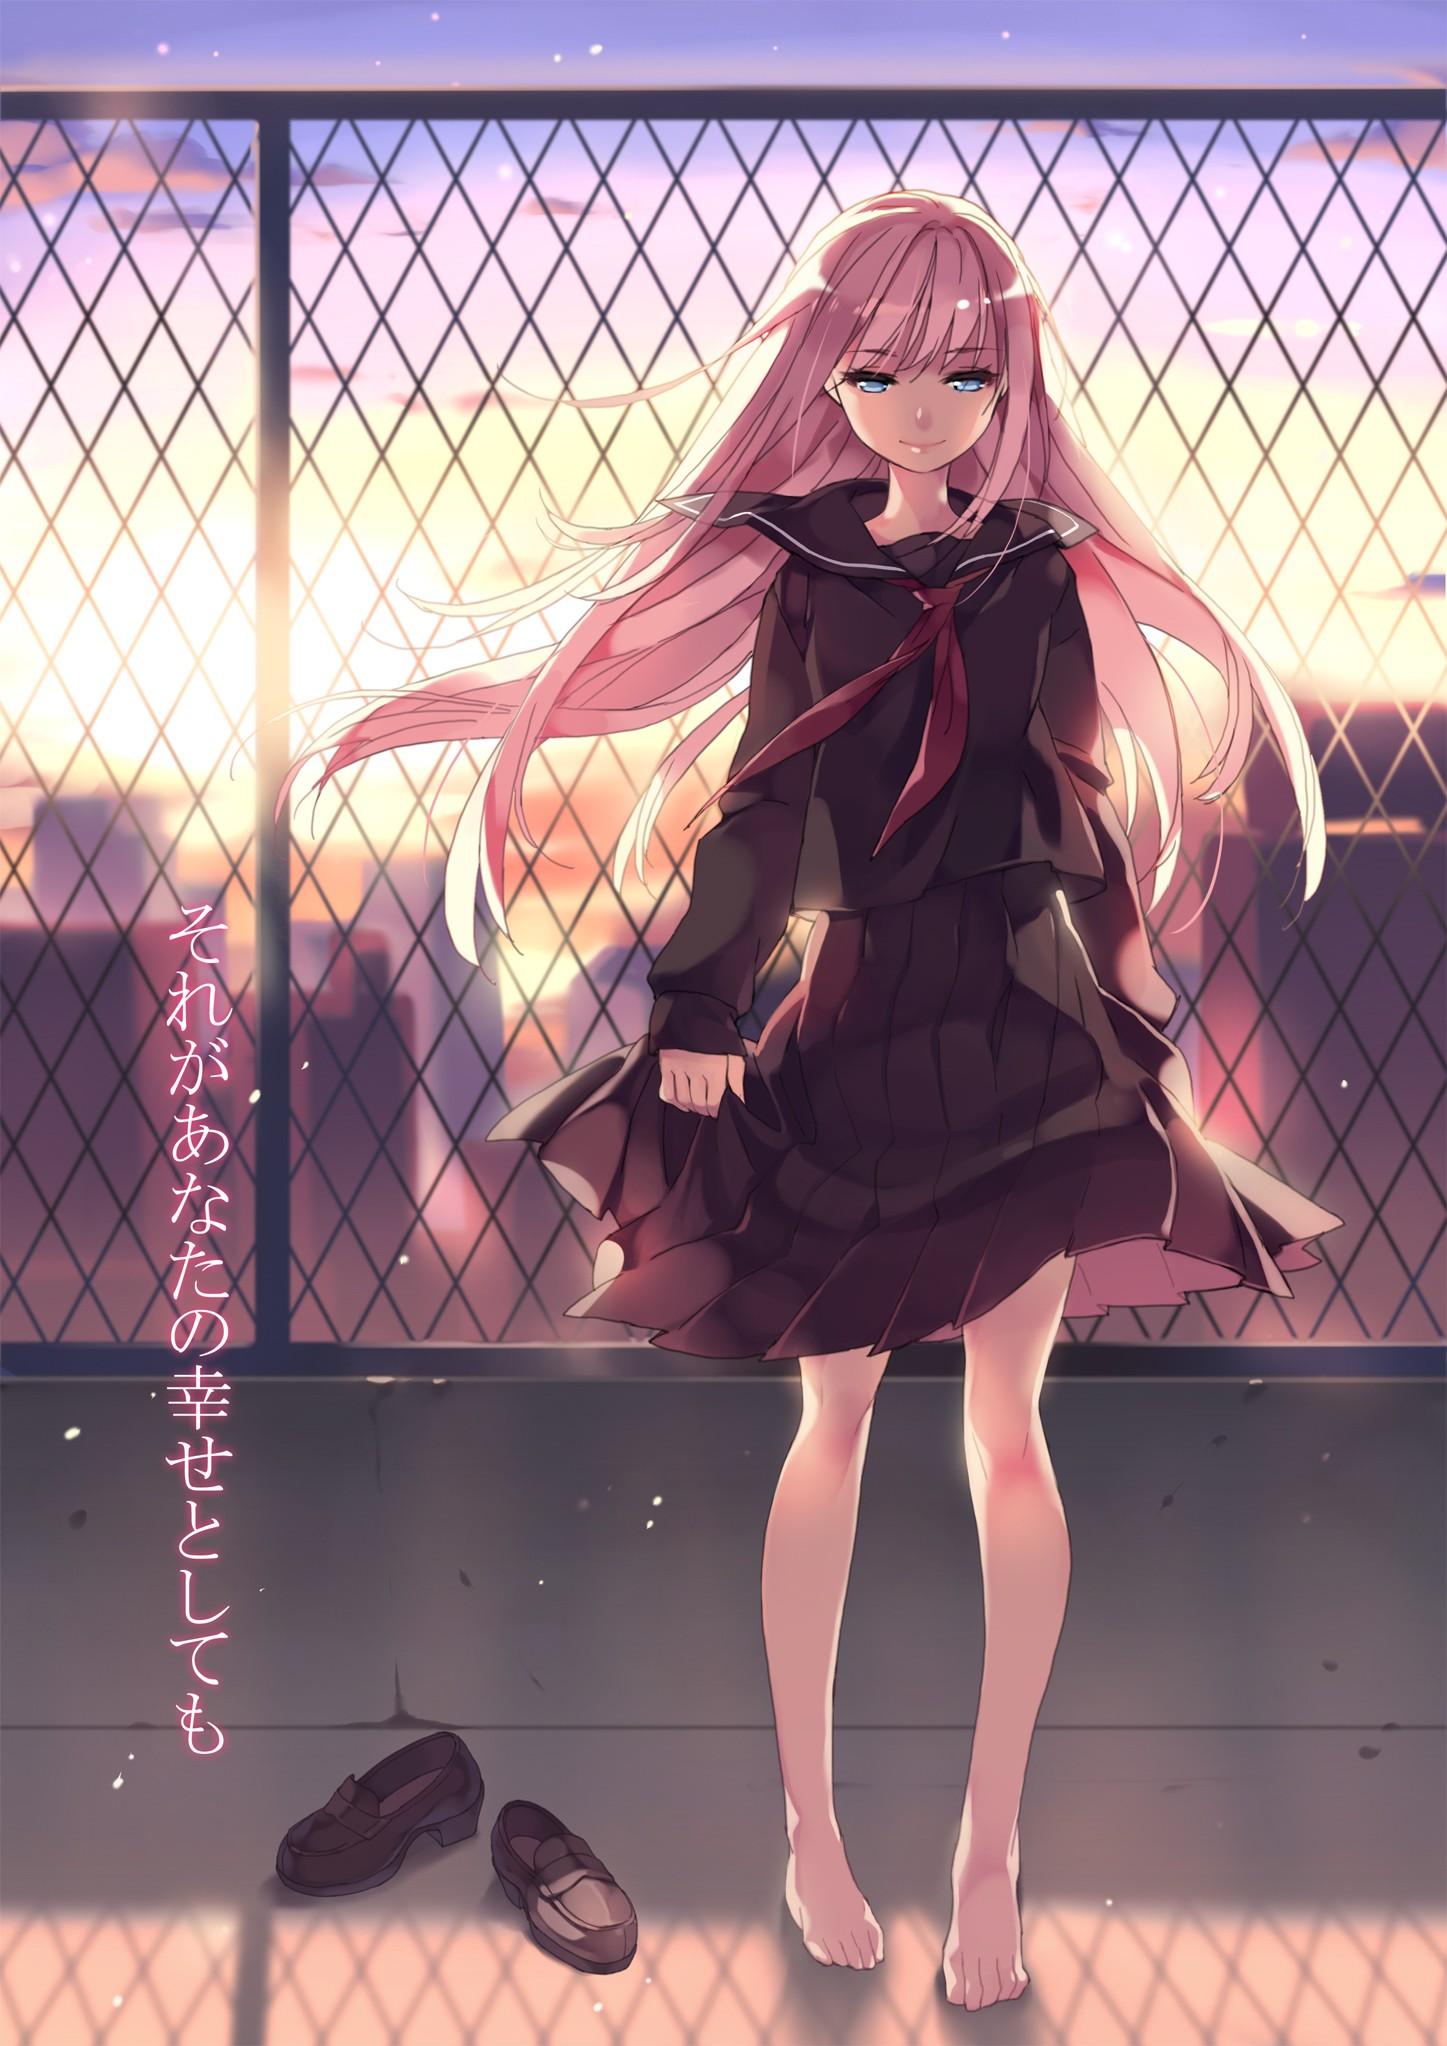 Картинки аниме девушек с розовыми волосами в школьной форме